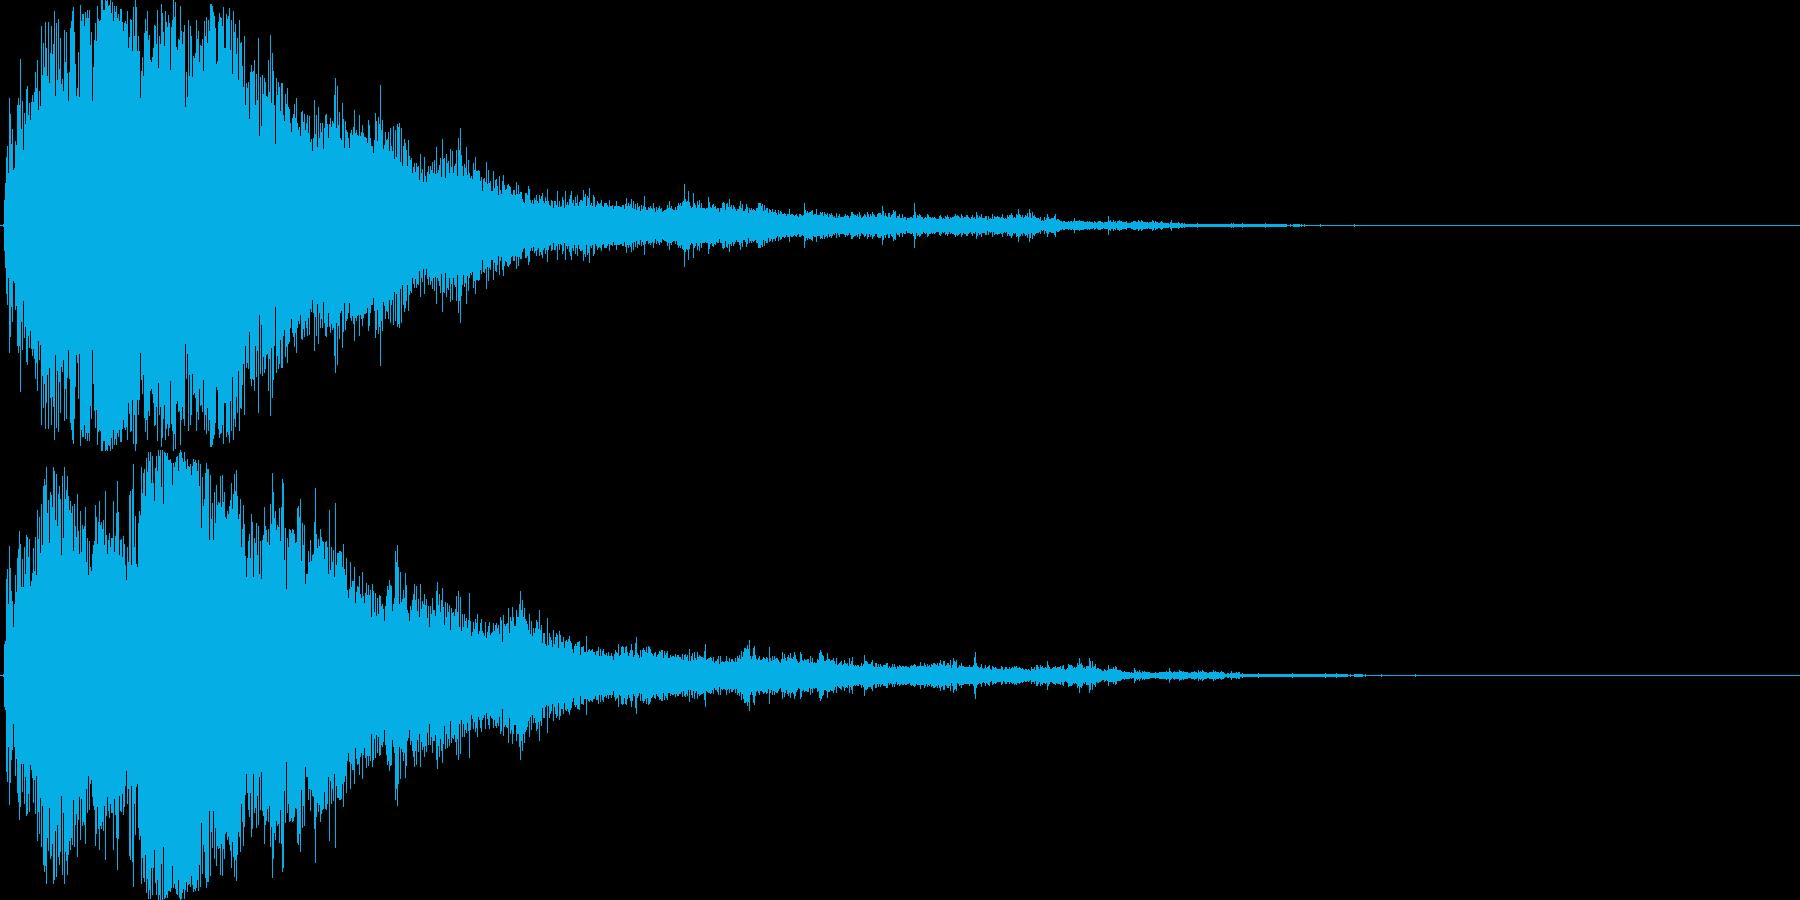 キラン☆シャキーン(水属性の魔法等)04の再生済みの波形